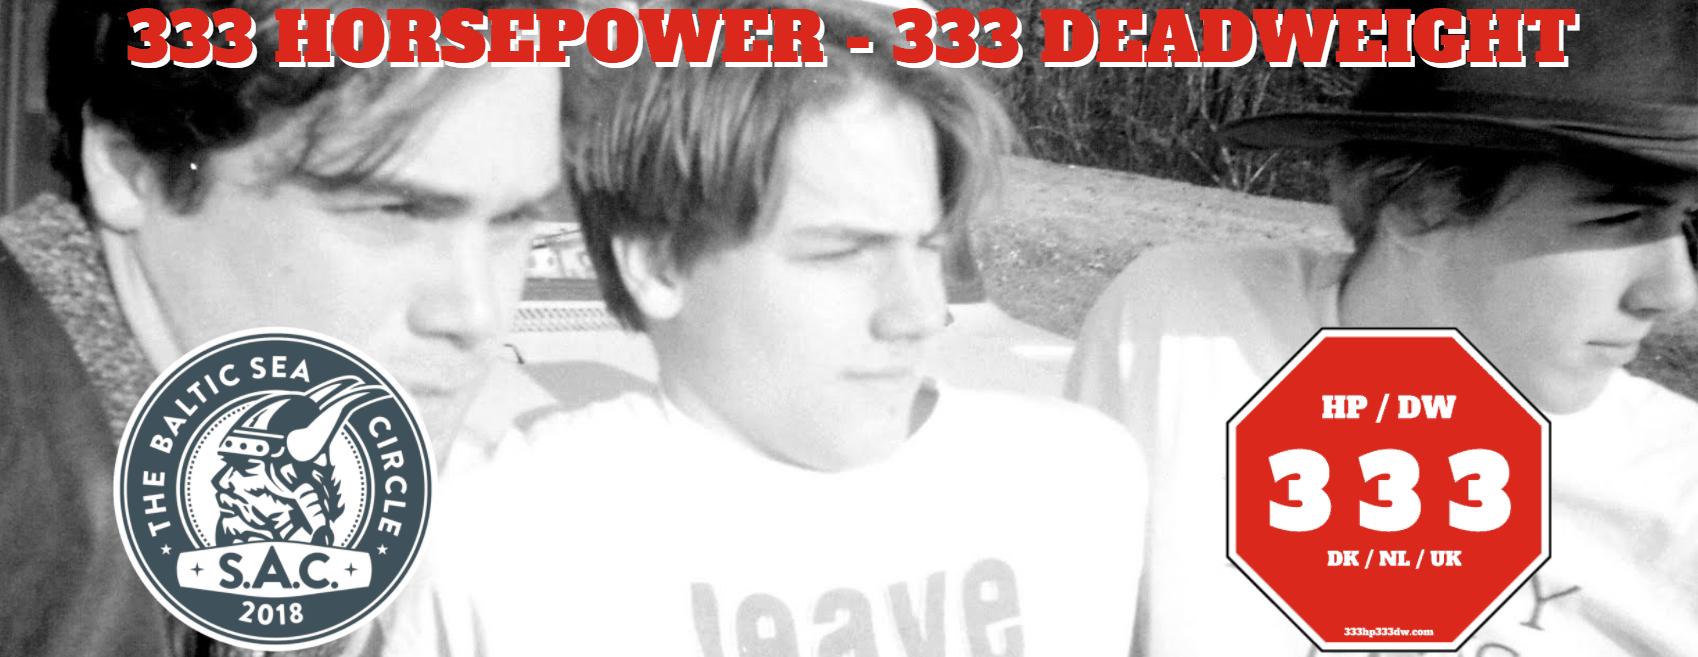 333 Horsepower & 333 Deadweight